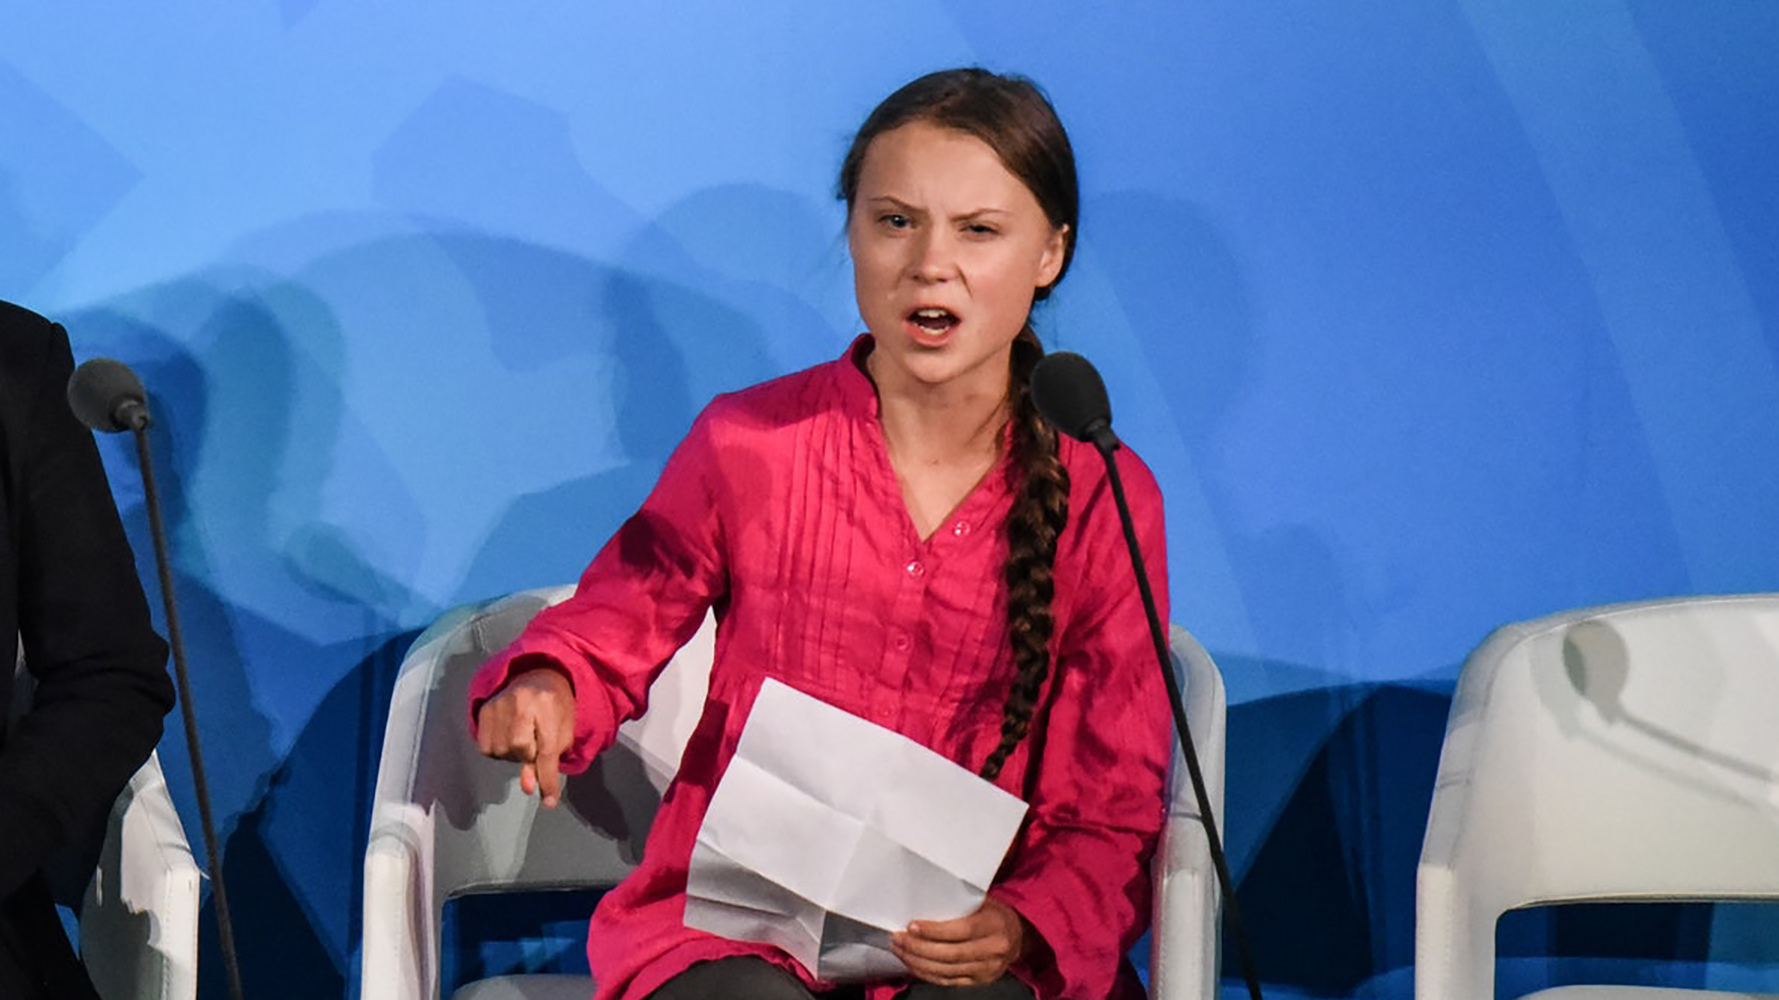 Грета тунберг, последние новости. почему она обещает потепление только на 1,5 градуса. новости мира.